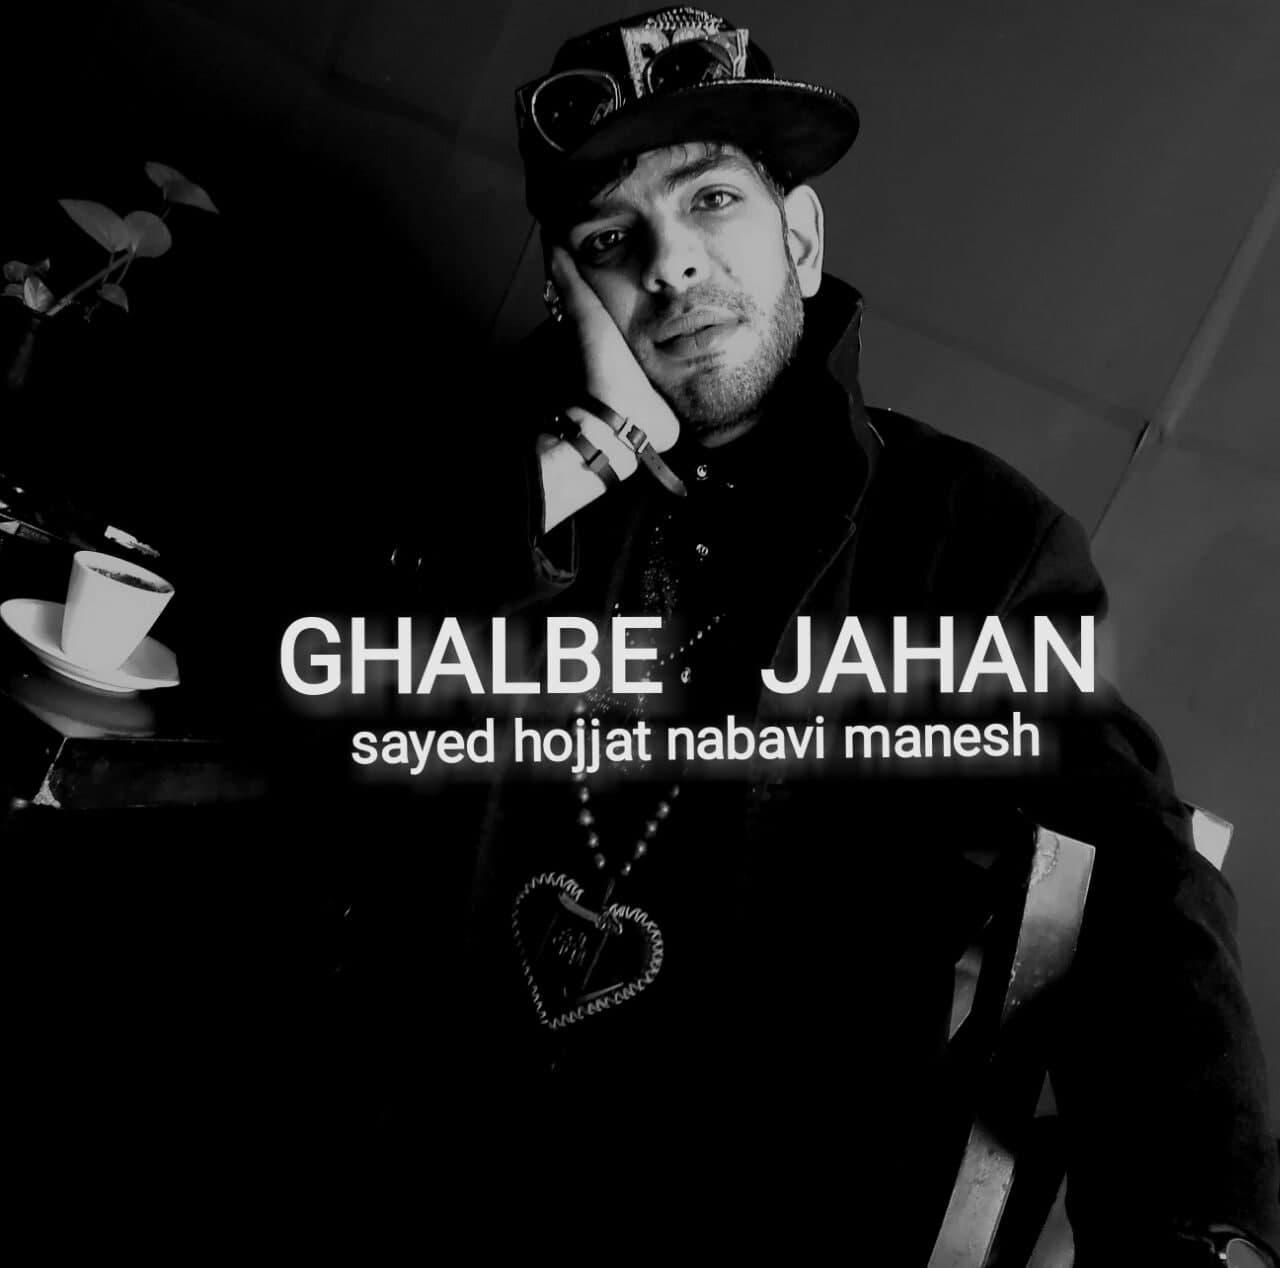 Kaveh (Seyed Hojjat Nabavi Manesh) – Ghalbe Jahan